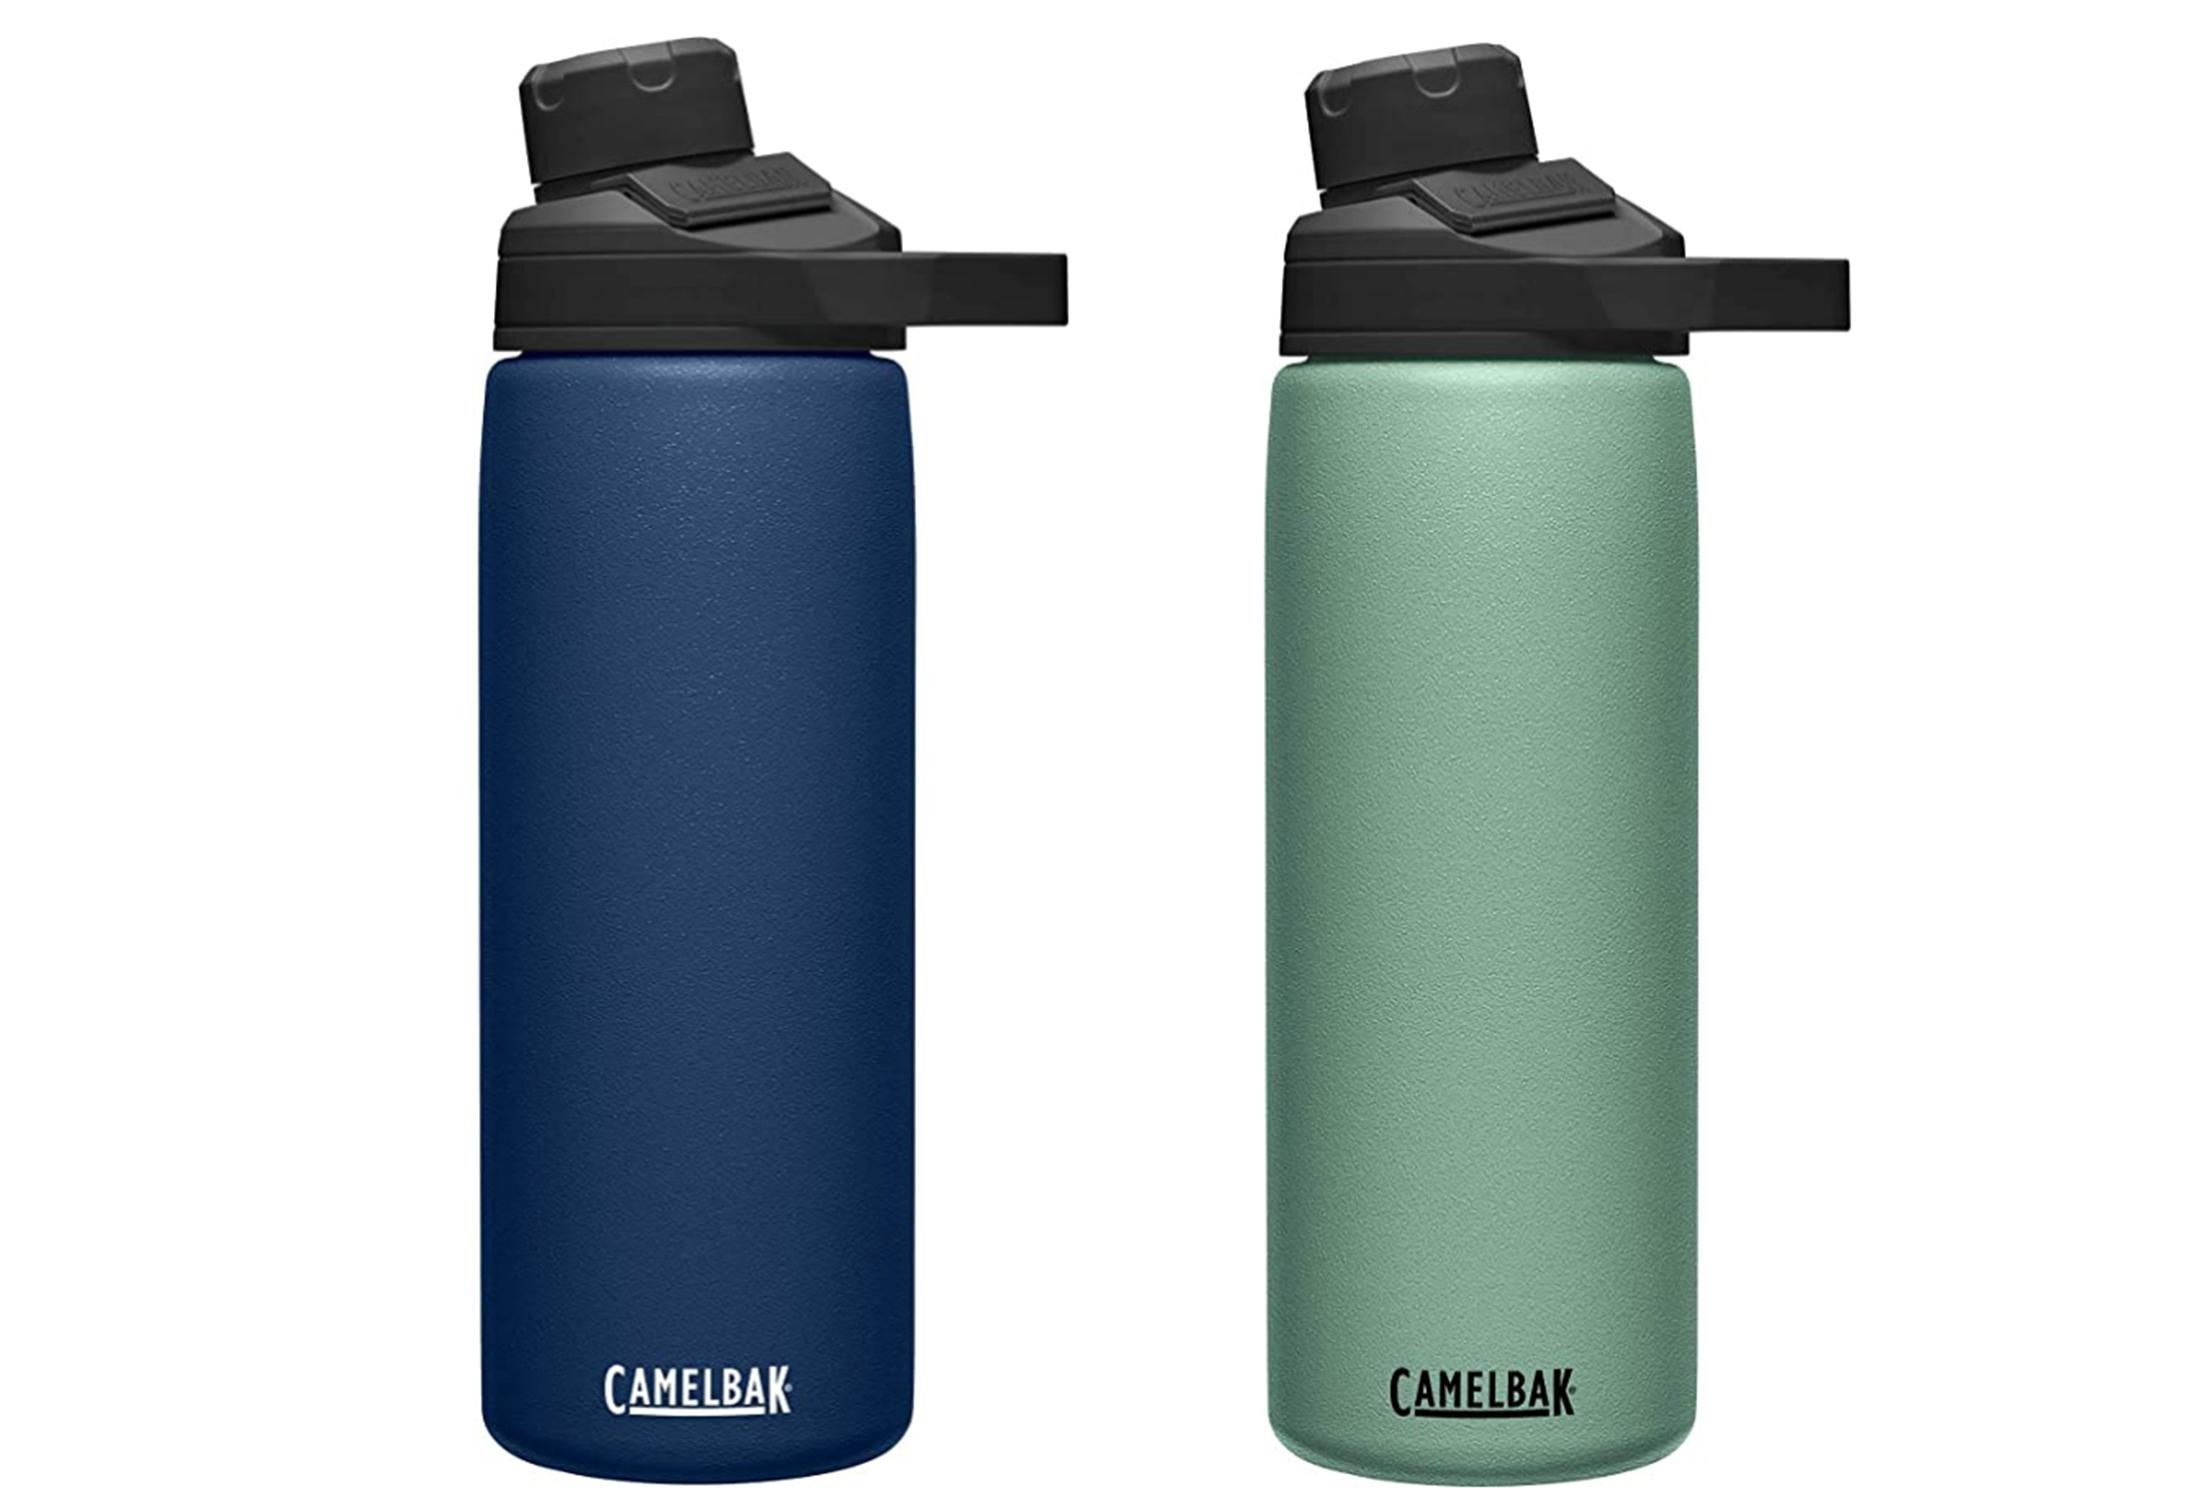 camelbak chute bottles